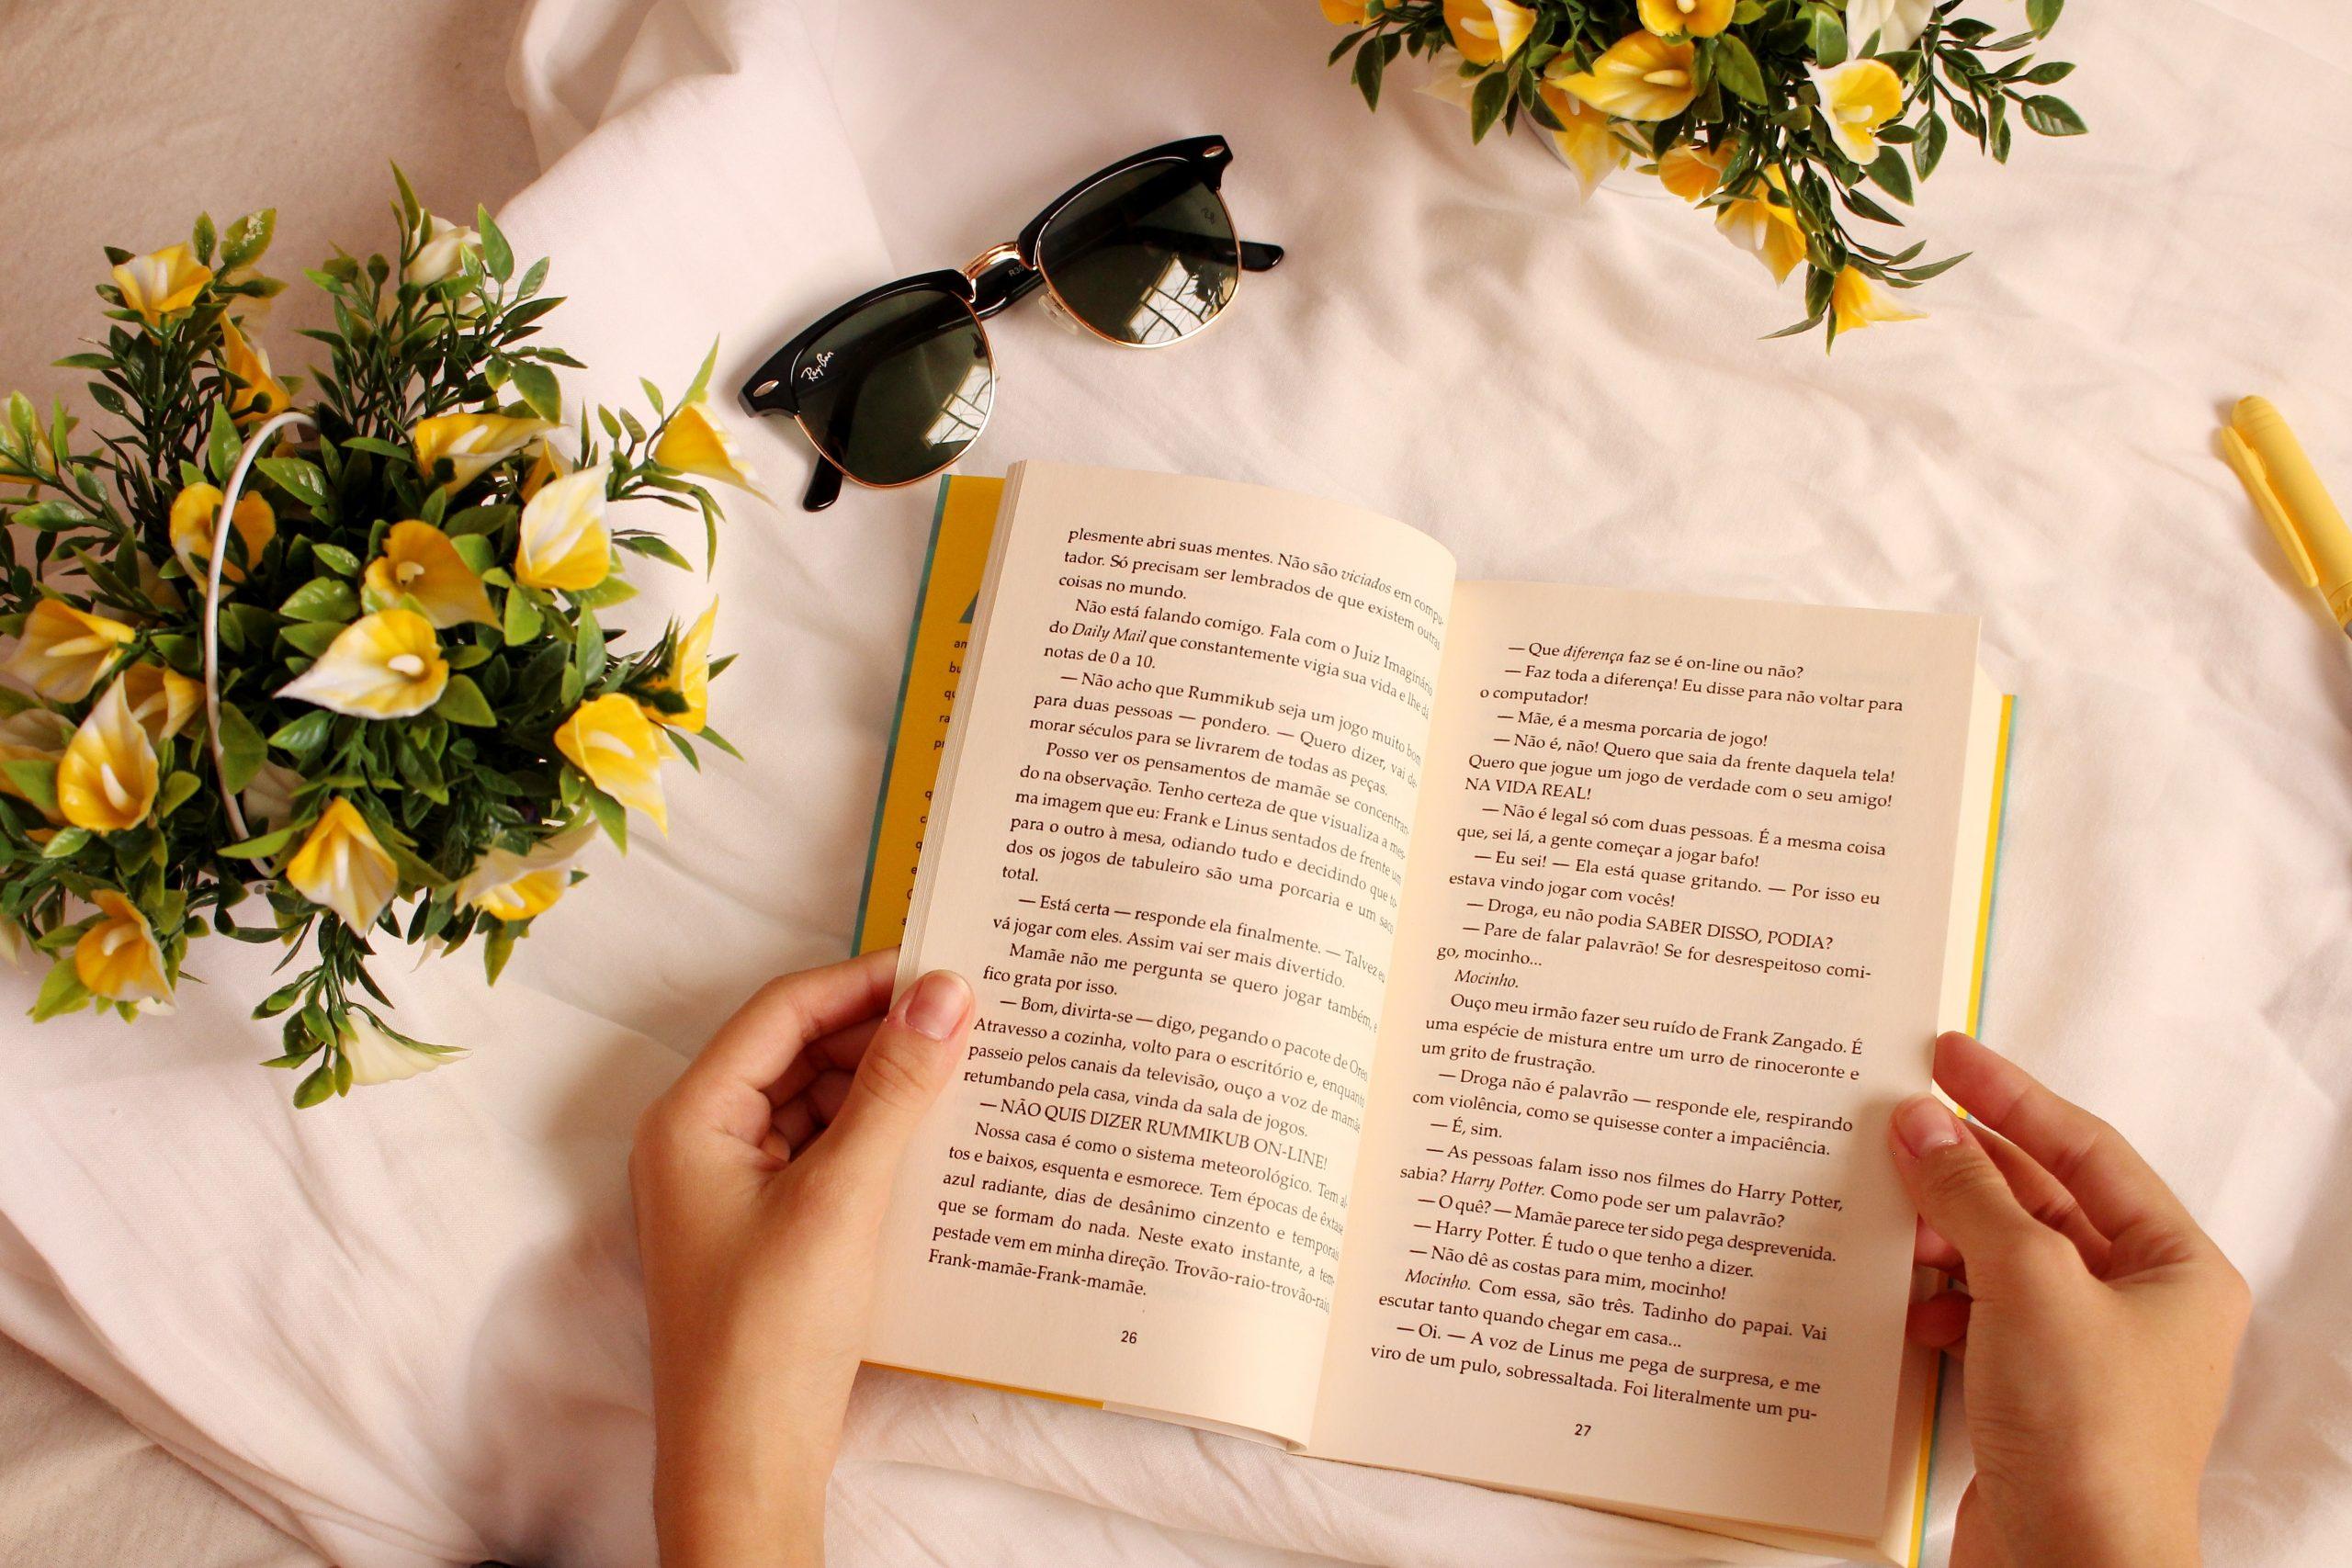 Na imagem há uma pessoa segurando um livro com as duas mãos sobre uma superfície branca. Próximo ao livro há dois arranjos de flores amarelas e um óculos de sol.